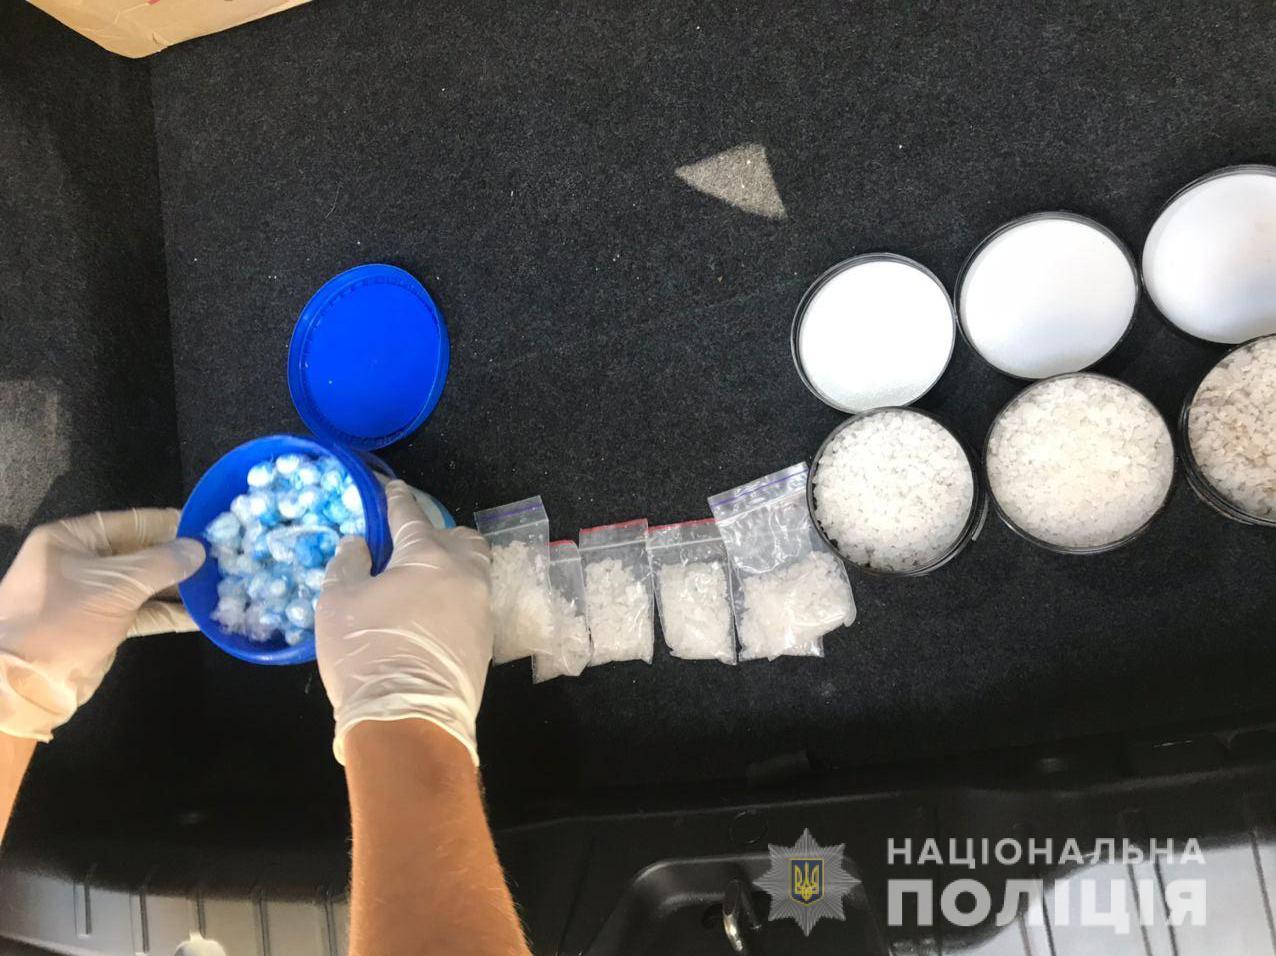 На Днепропетровщине полиция задержала группу «закладчиков», которые сбывали метадон. | Прихист